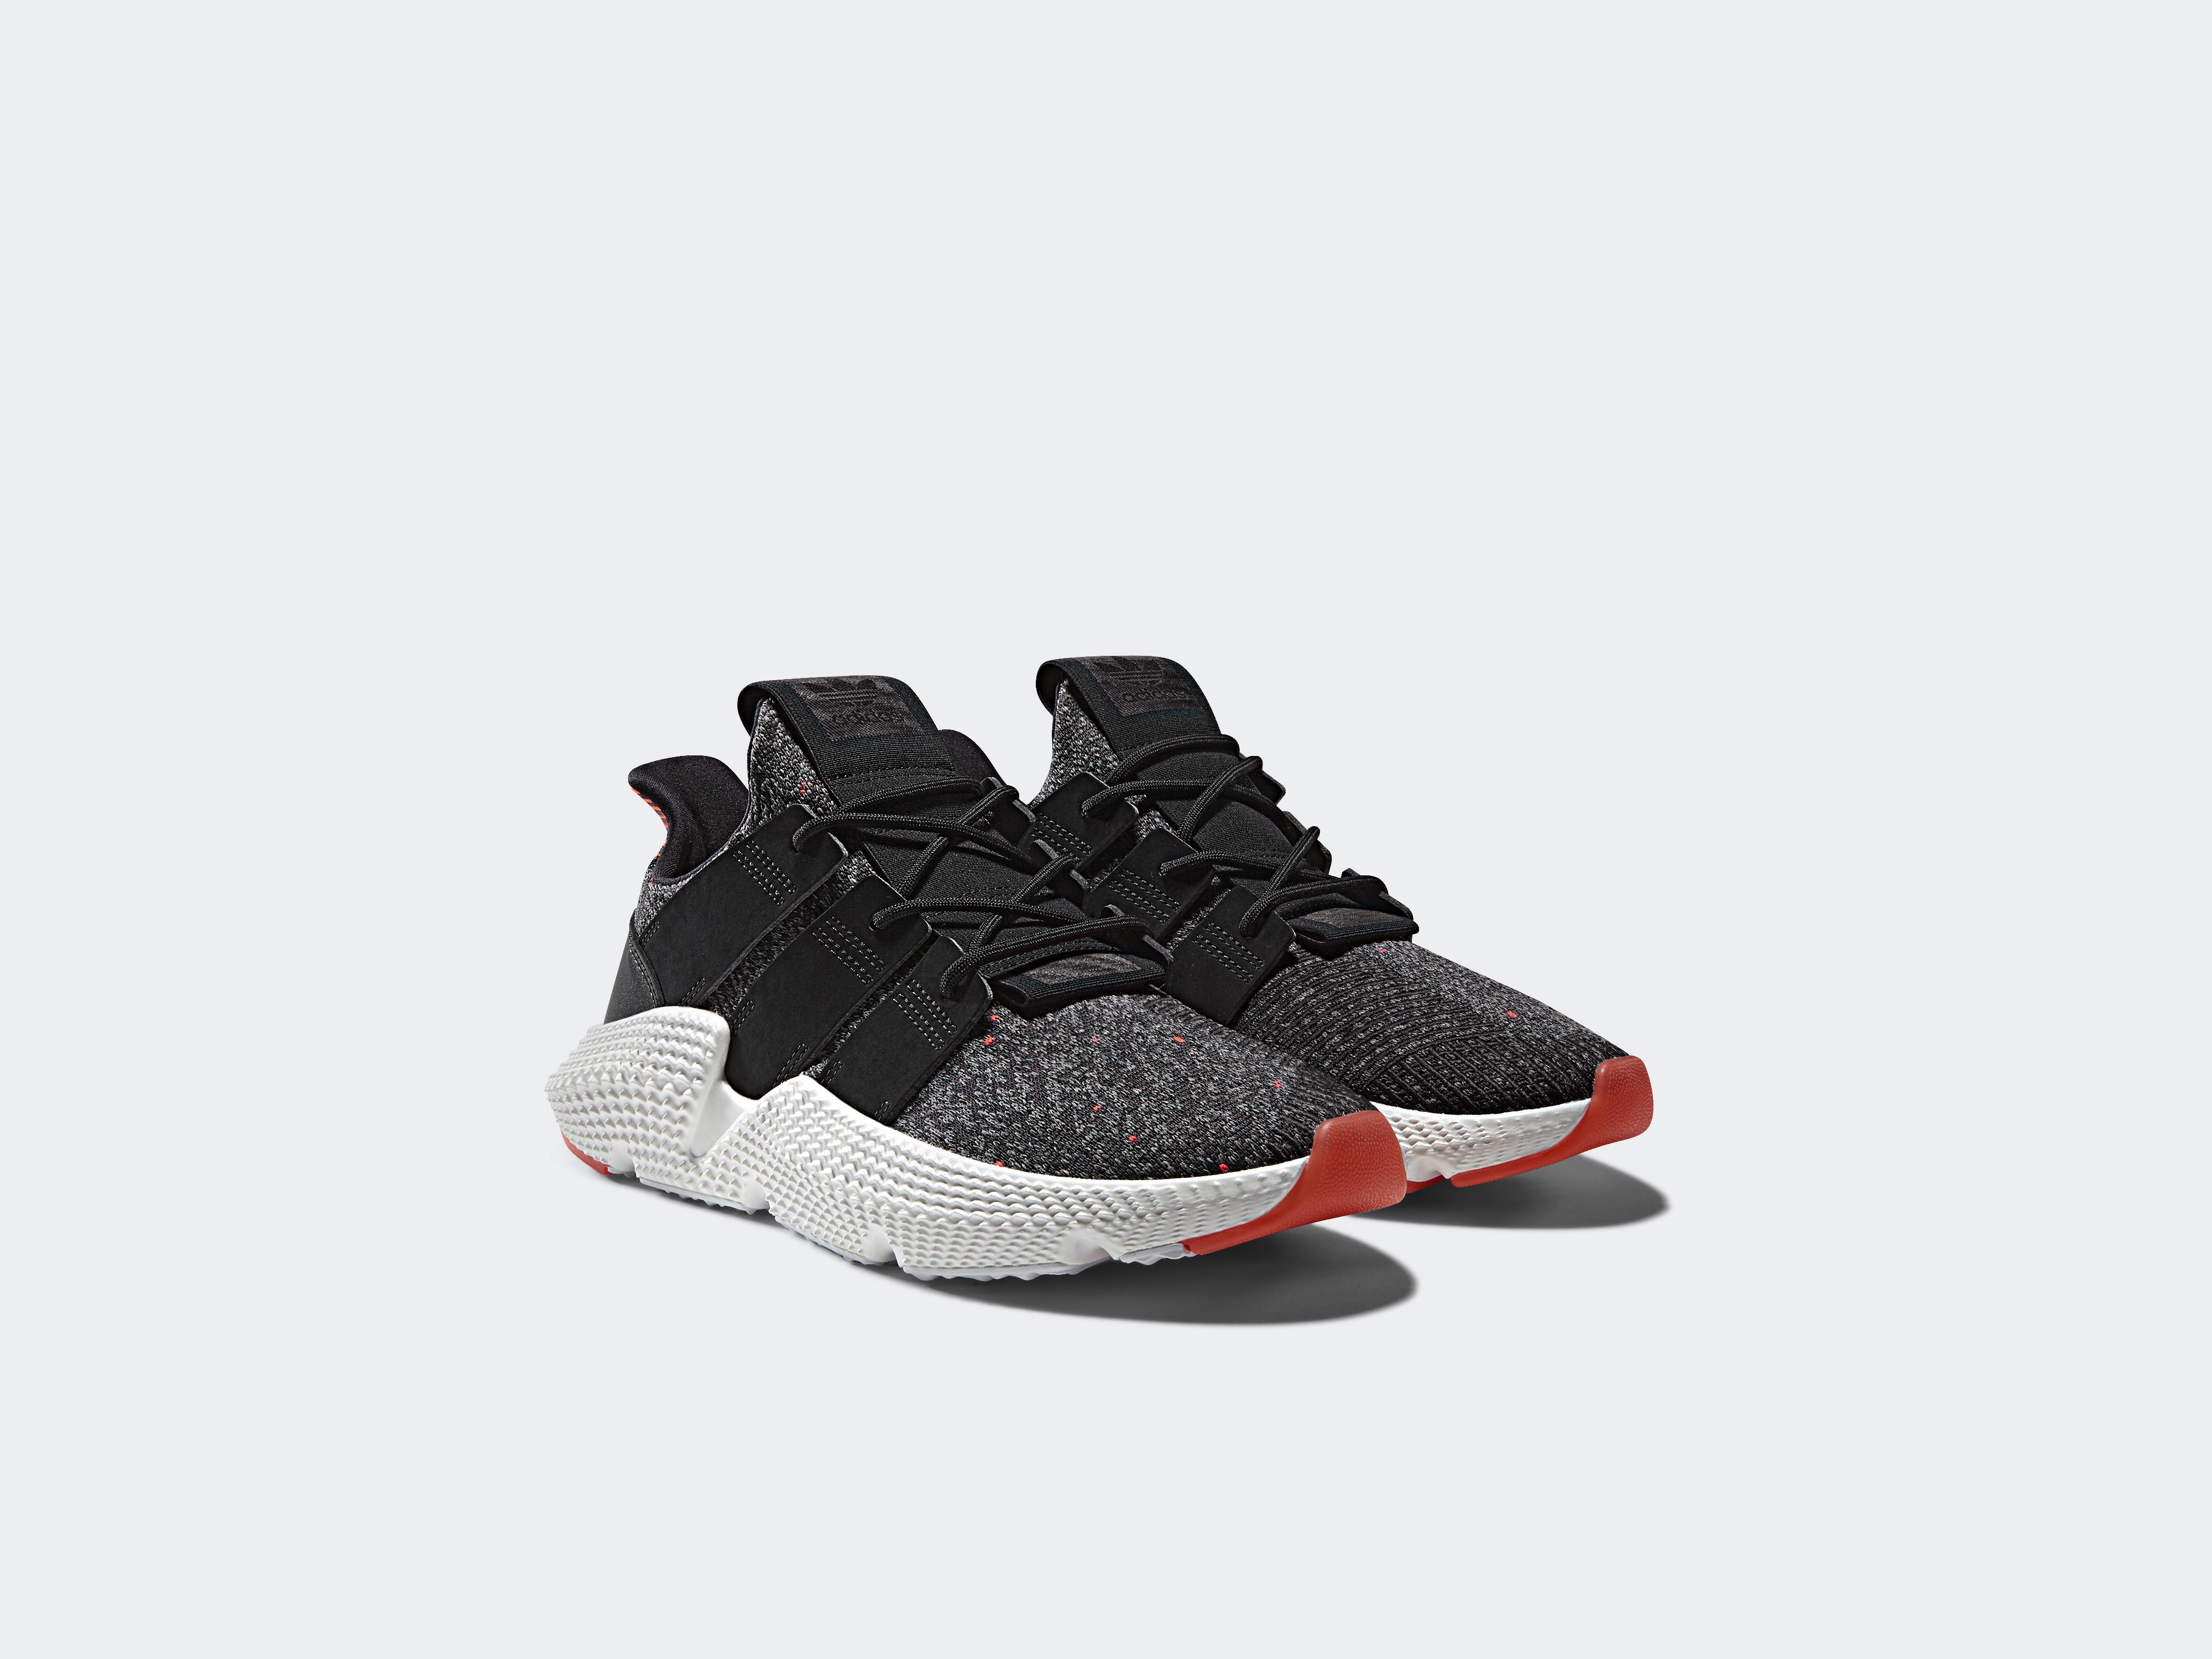 Adidas Prophere Price